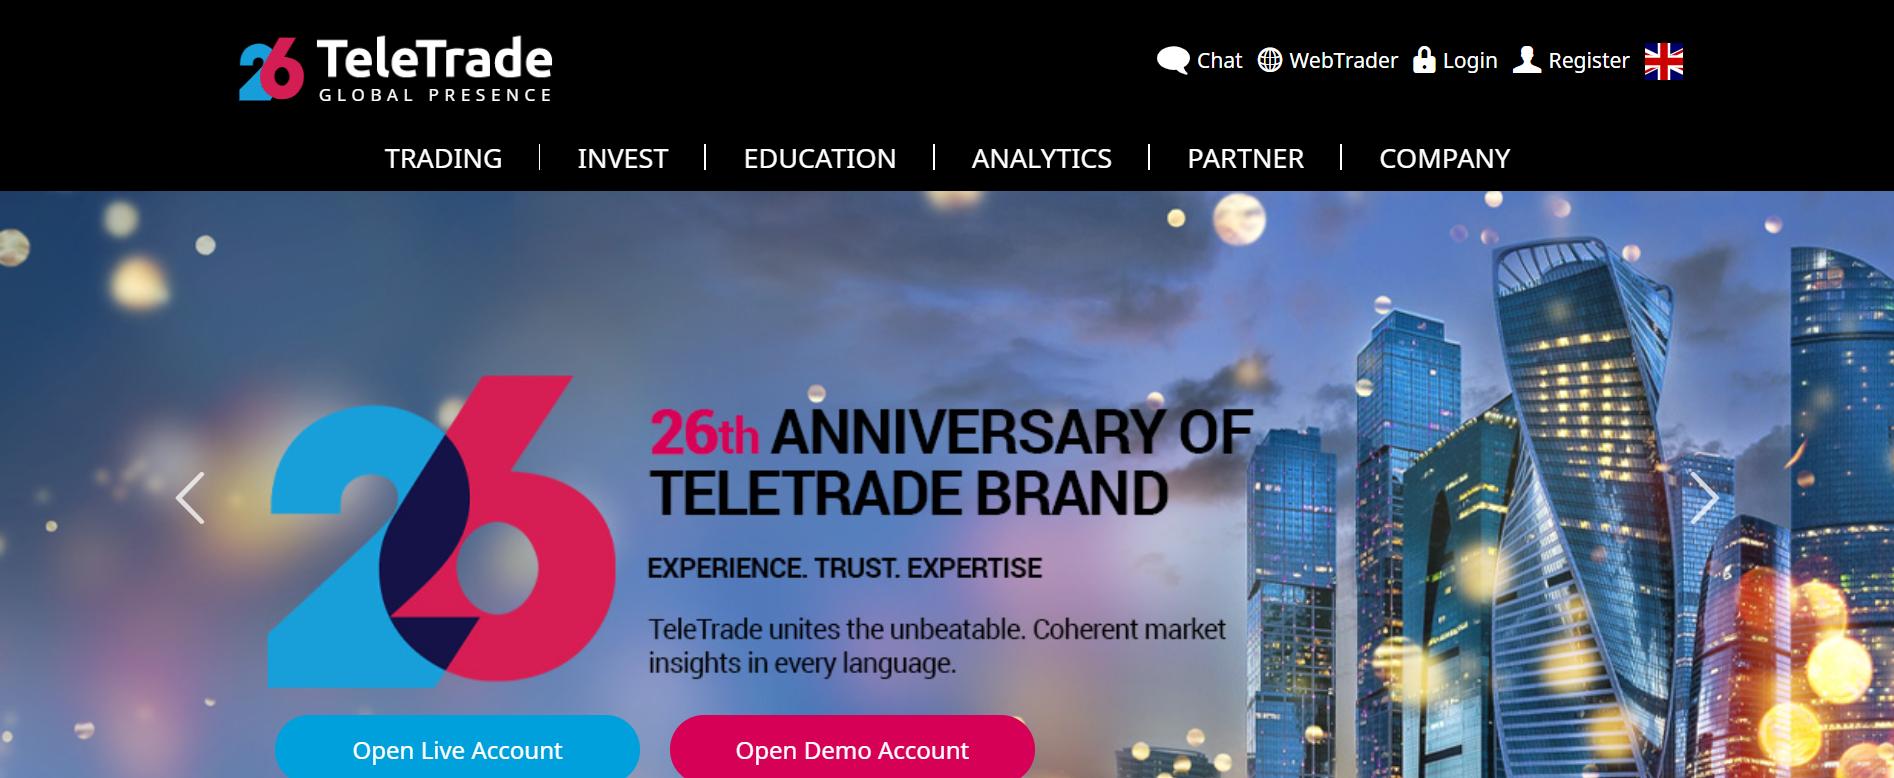 TeleTrade web